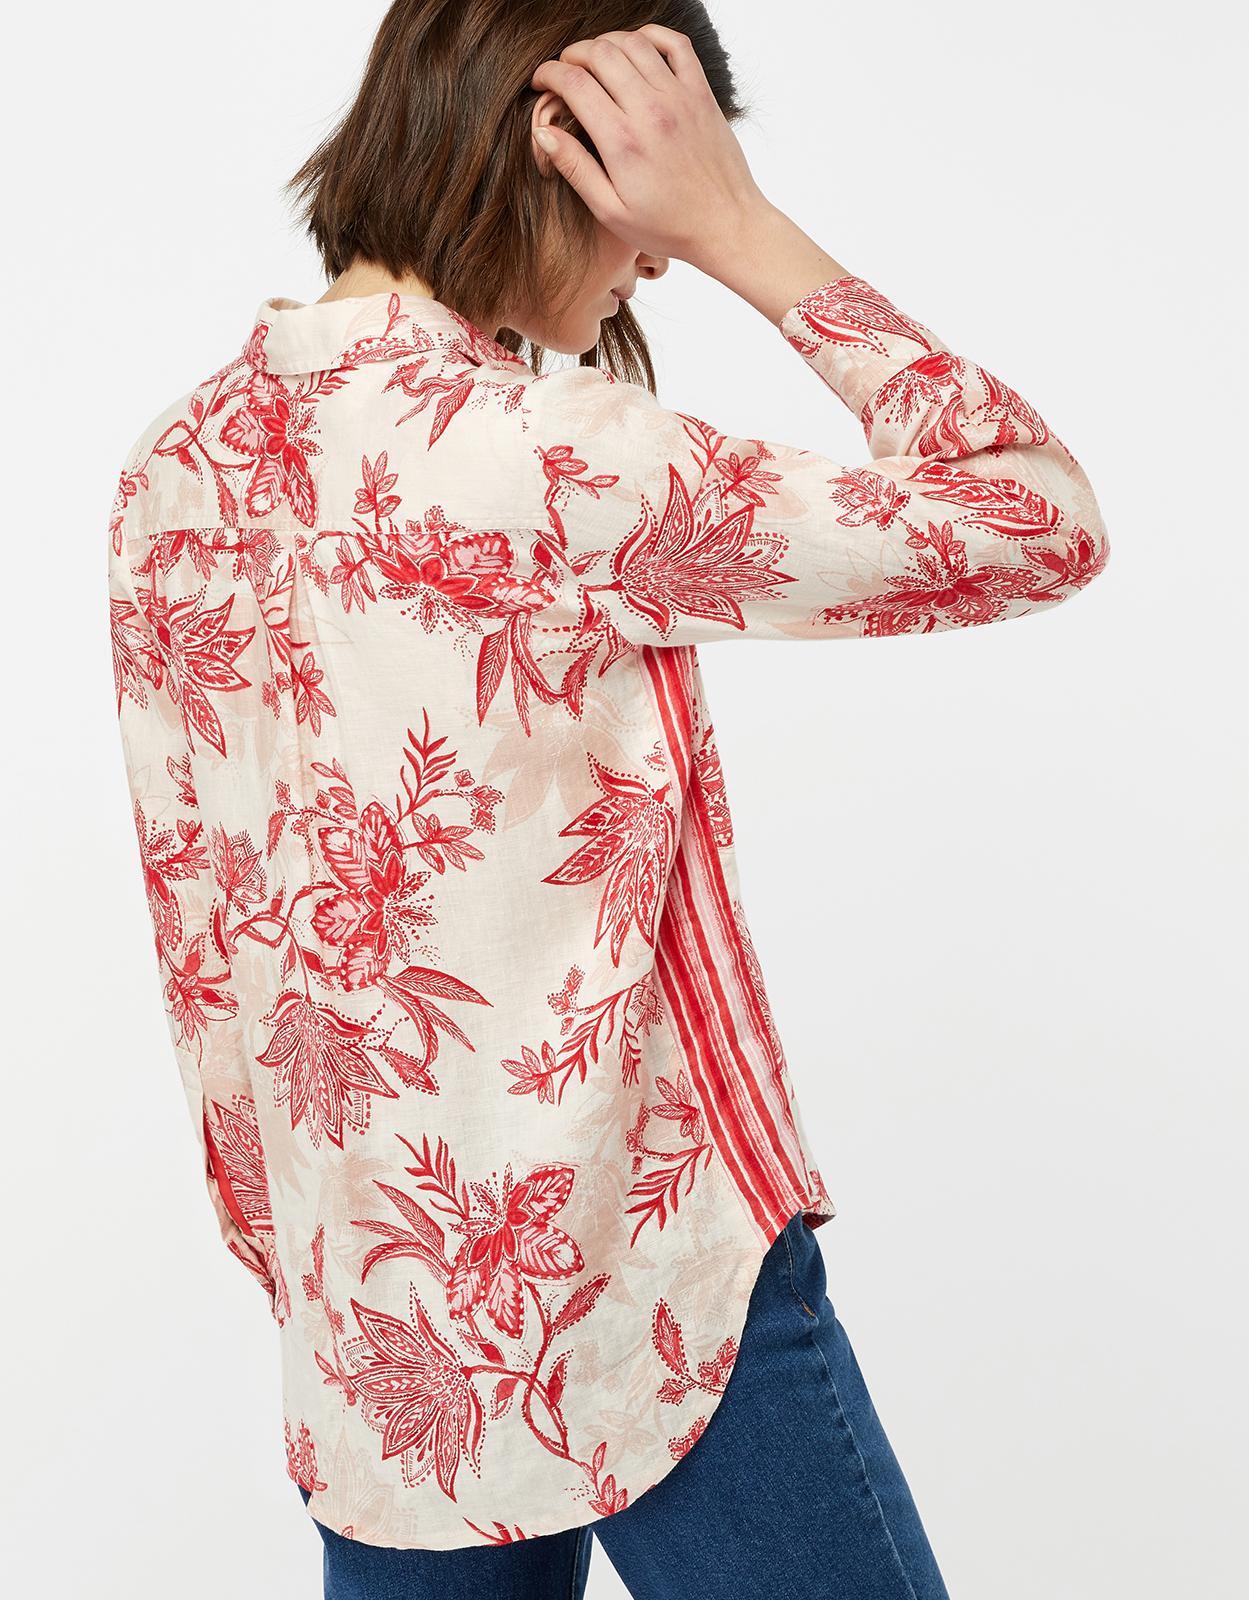 84911a088 Monsoon Alyssa Print Linen Shirt in Natural - Lyst